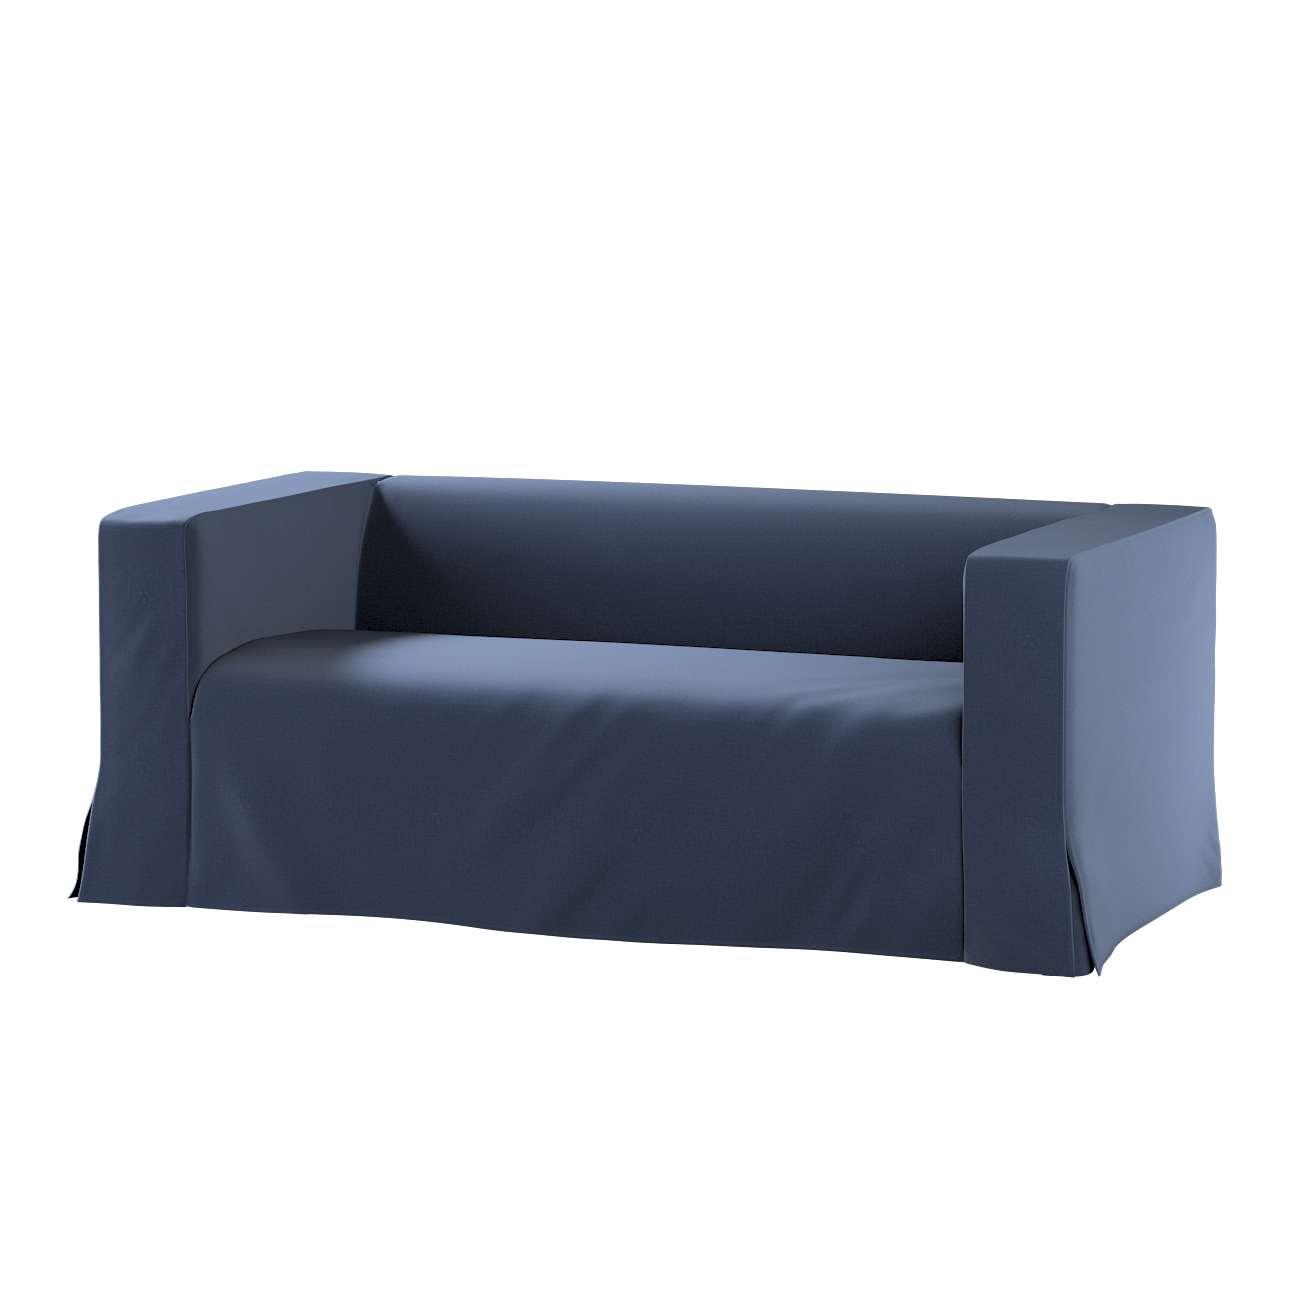 Pokrowiec na sofę Klippan 2-osobową długi z kontrafałdami w kolekcji Ingrid, tkanina: 705-39